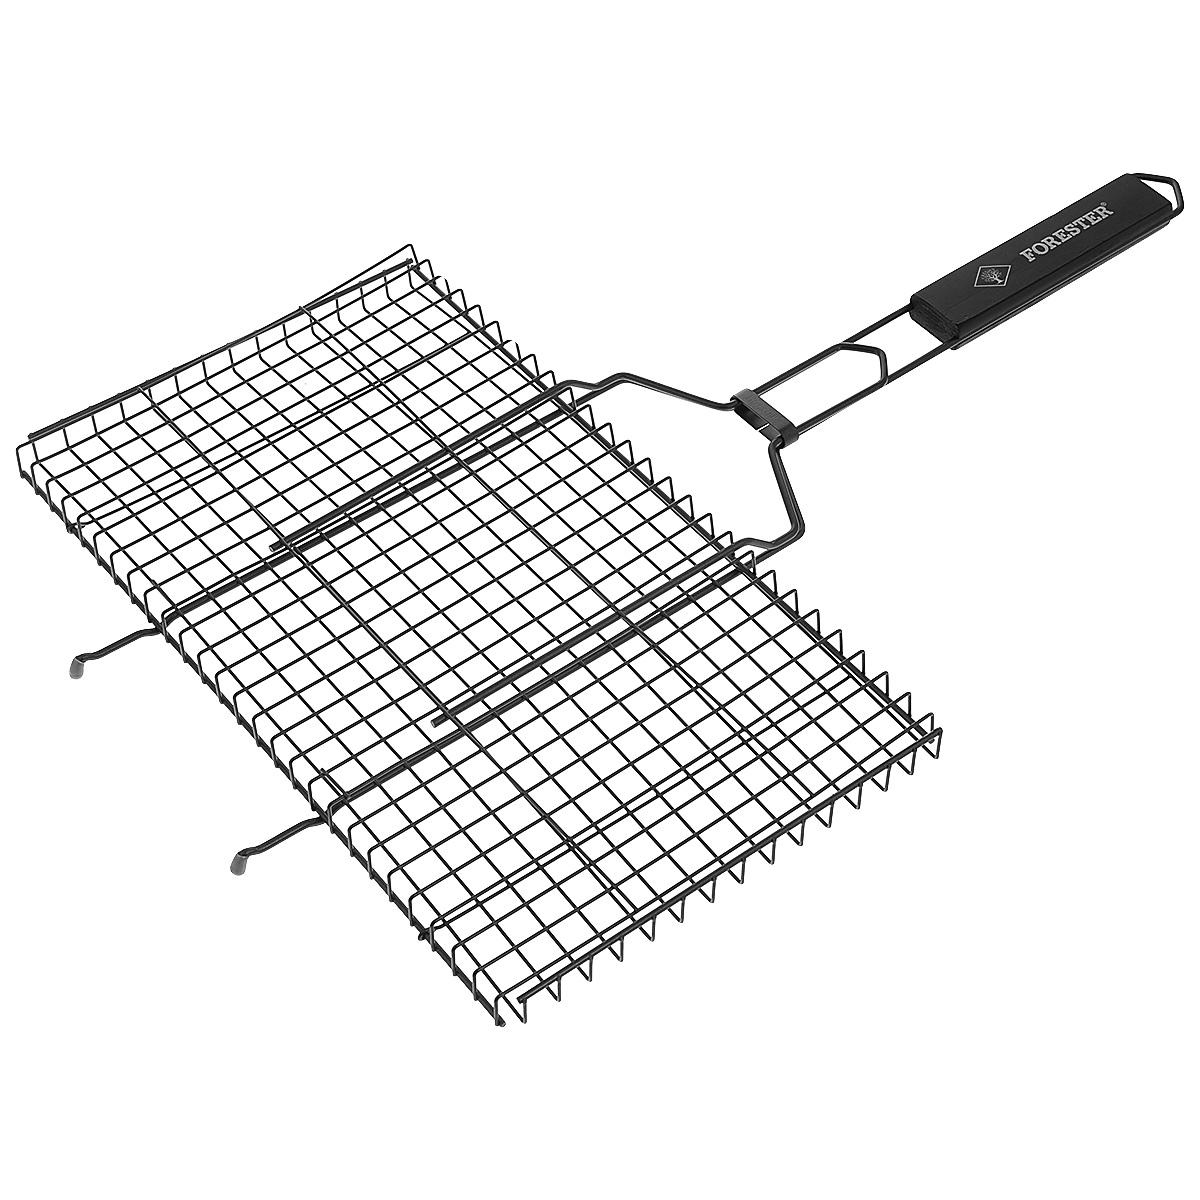 Решетка-гриль Forester, с антипригарным покрытием, цвет: черный, 45 см х 25 смBQ-NS02_черныйУниверсальная решетка-гриль Forester изготовлена из высококачественной стали с антипригарным покрытием. На решетке удобно размещать стейки, ребрышки, гамбургеры, сосиски, рыбу, овощи. Предназначена для приготовления пищи на углях. Блюда получаются сочными, ароматными, с аппетитной специфической корочкой. Рукоятка изделия оснащена деревянной вставкой и фиксирующей скобой, которая зажимает створки решетки. Размер рабочей поверхности решетки (без учета усиков): 45 см х 25 см. Общая длина решетки (с ручкой): 69 см.